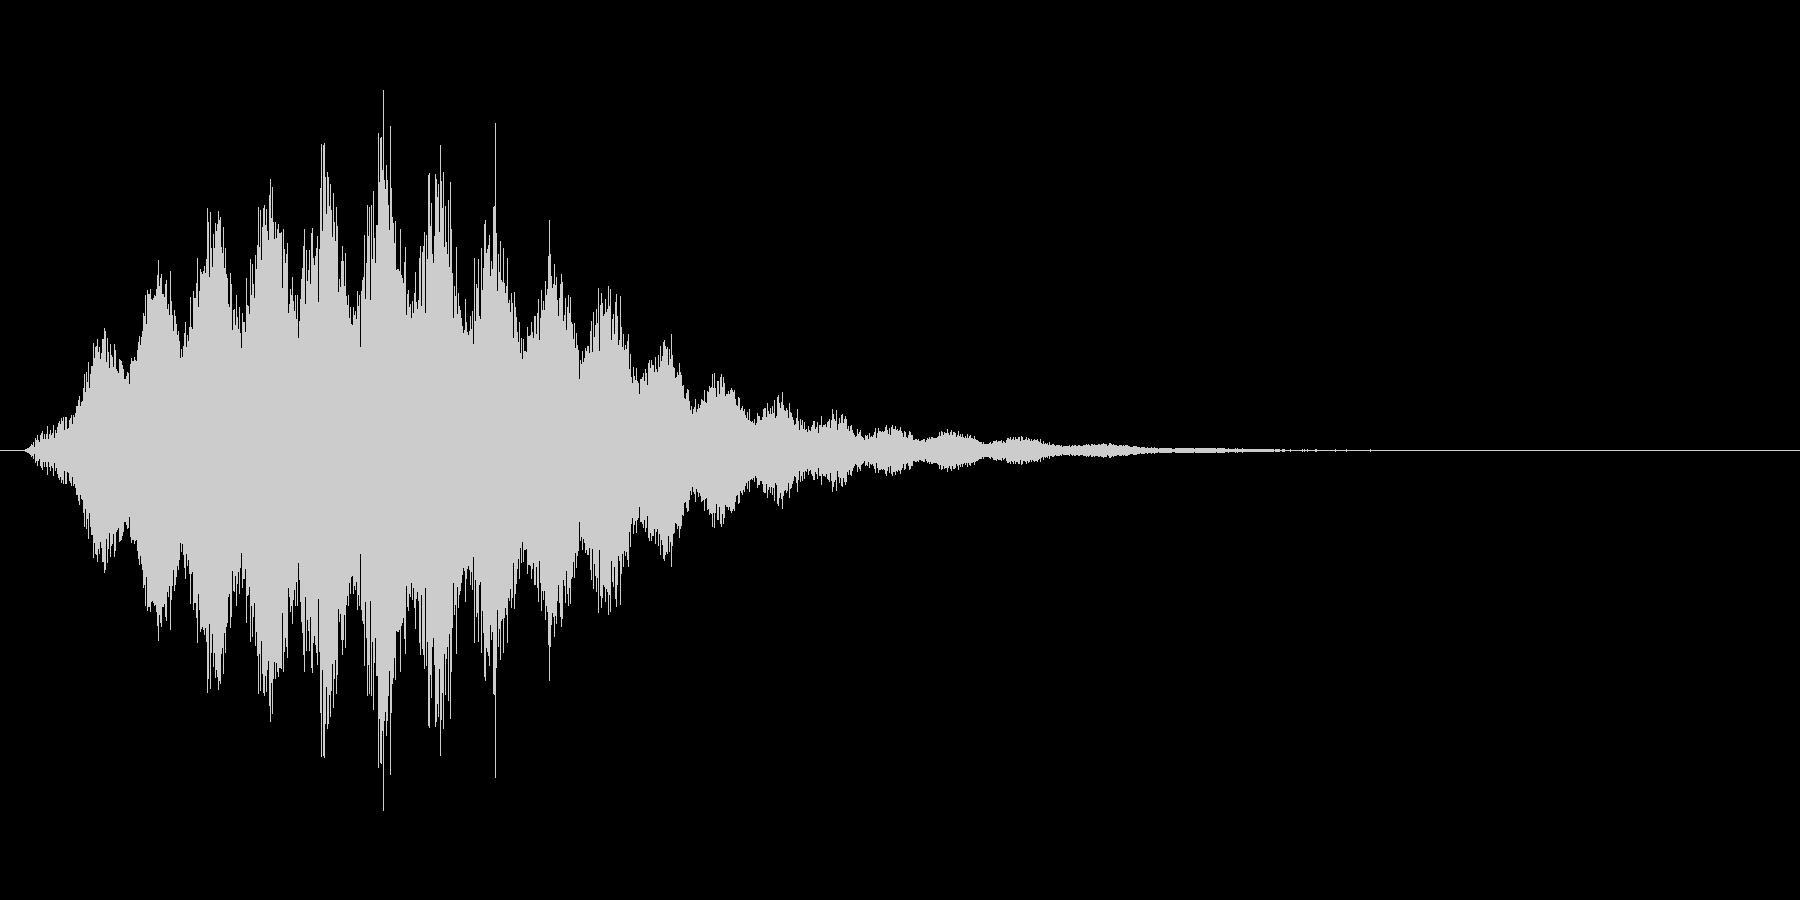 シュシュシュ...(風魔法、かまいたち)の未再生の波形